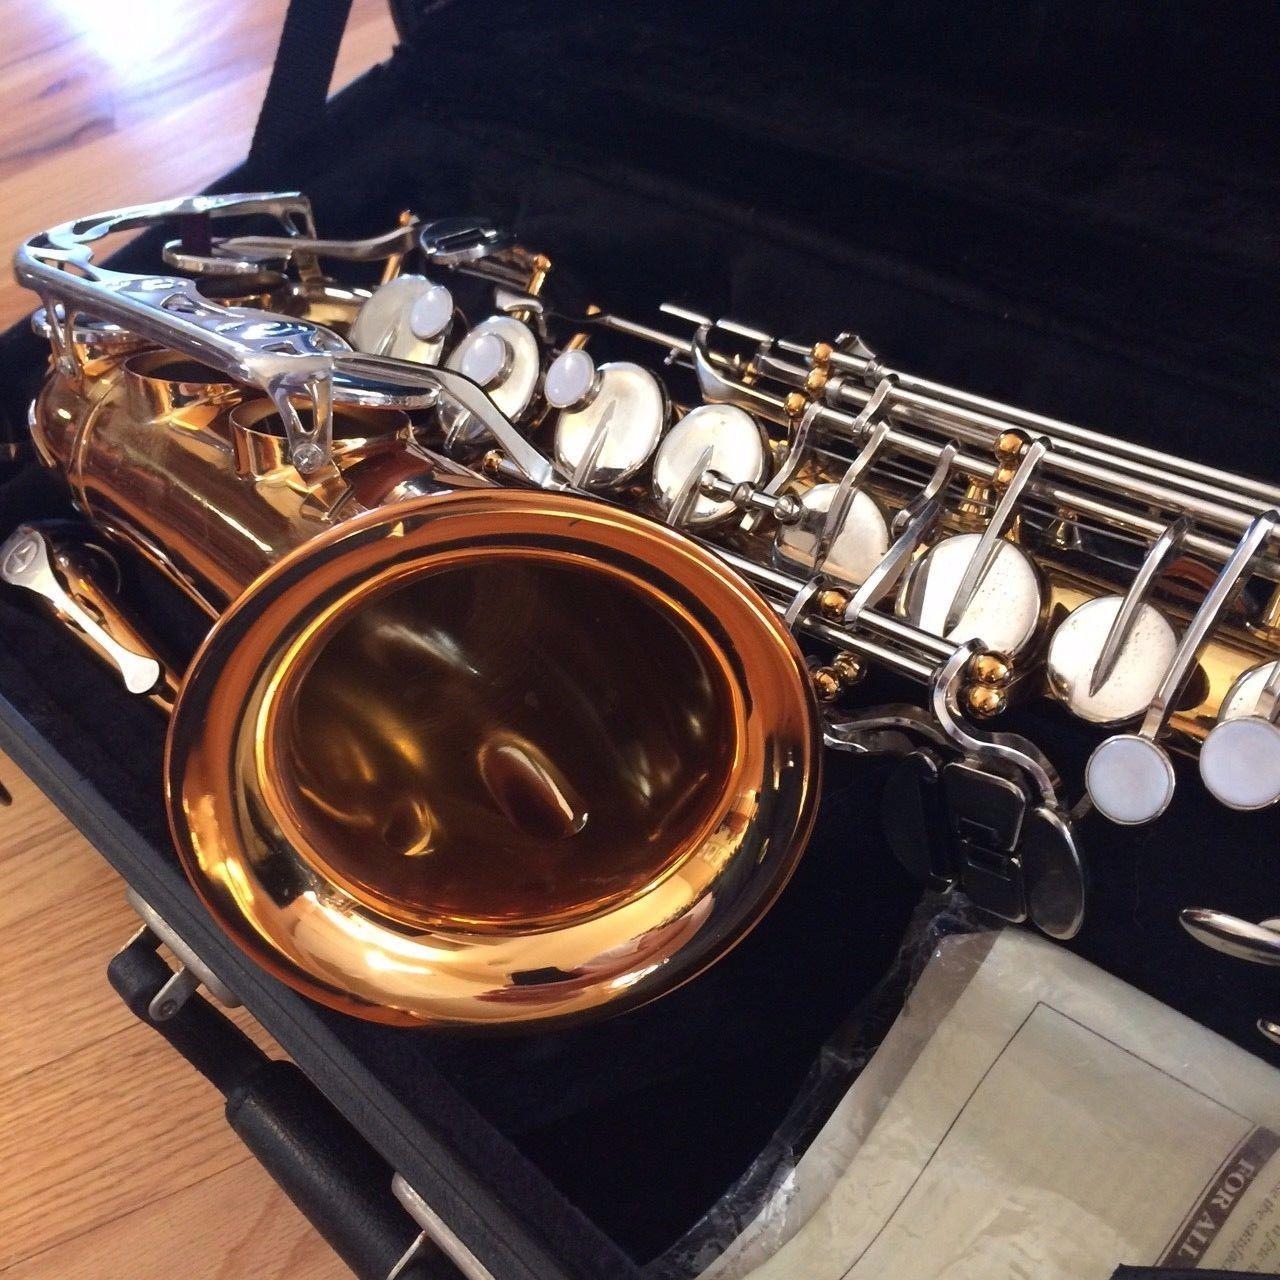 Yamaha Japan Yas 23 Vito Alto Saxophone Very Nice Music